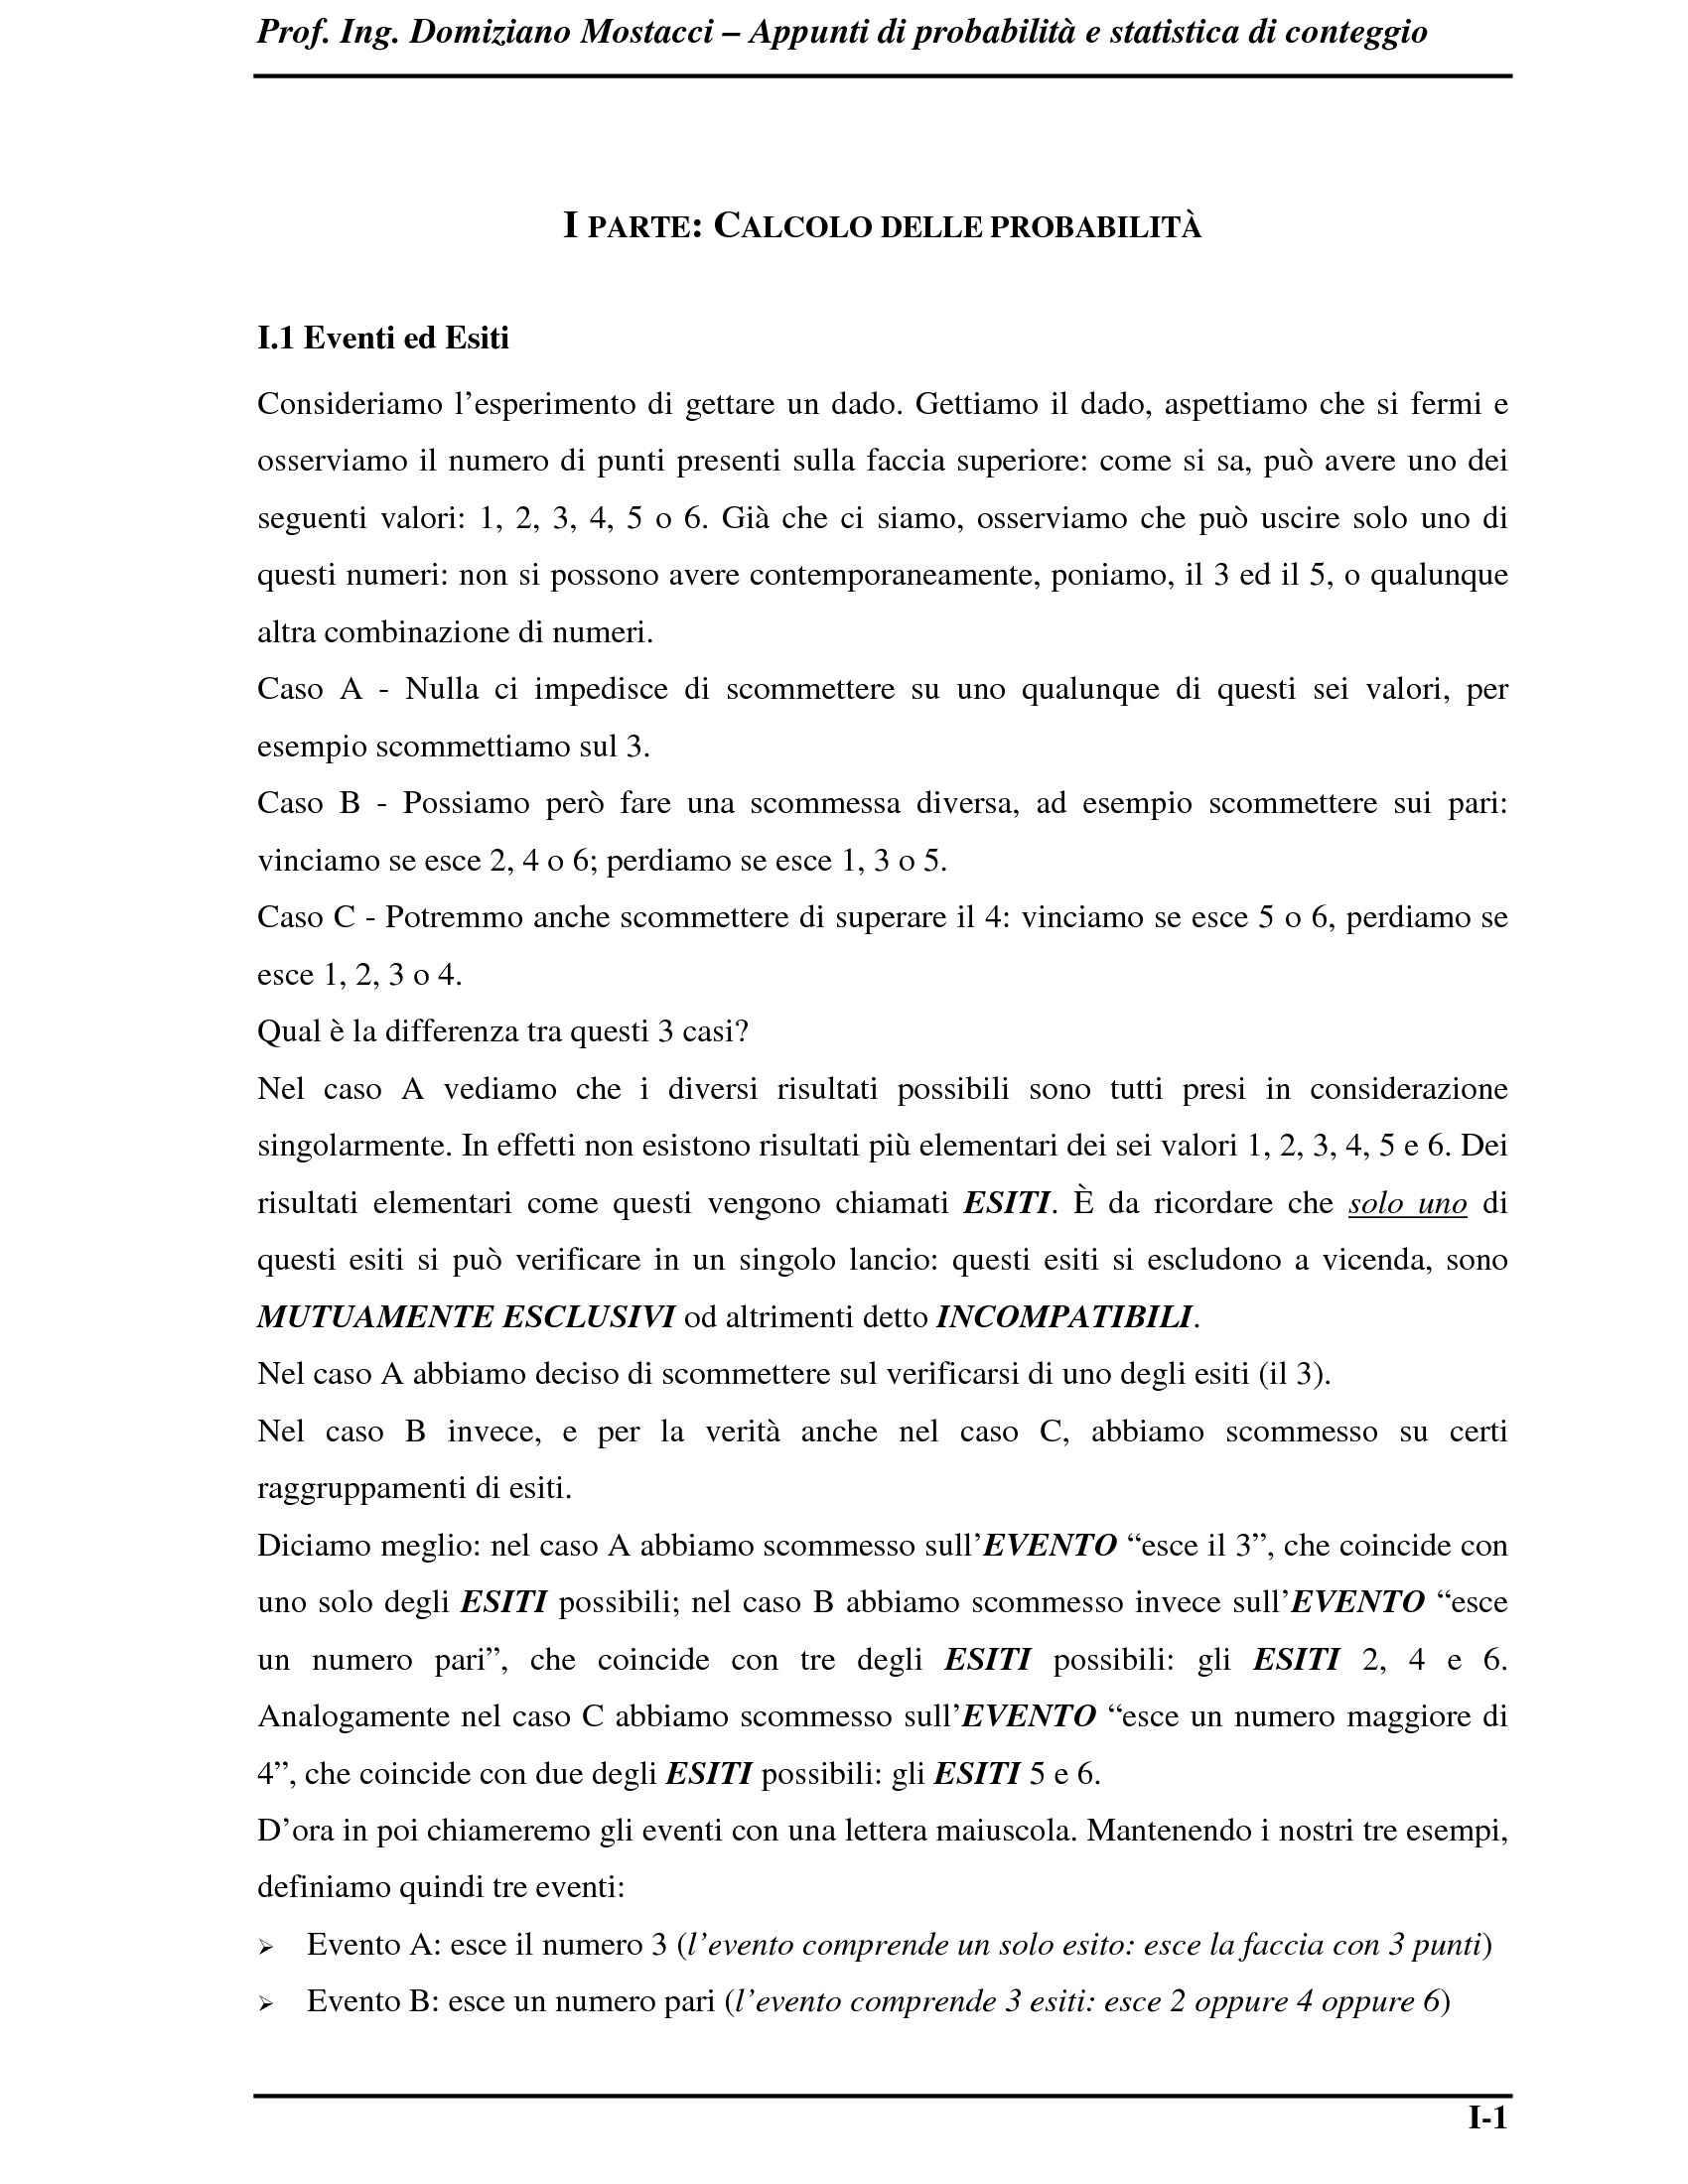 Statistica di conteggio - Calcolo delle probabilità